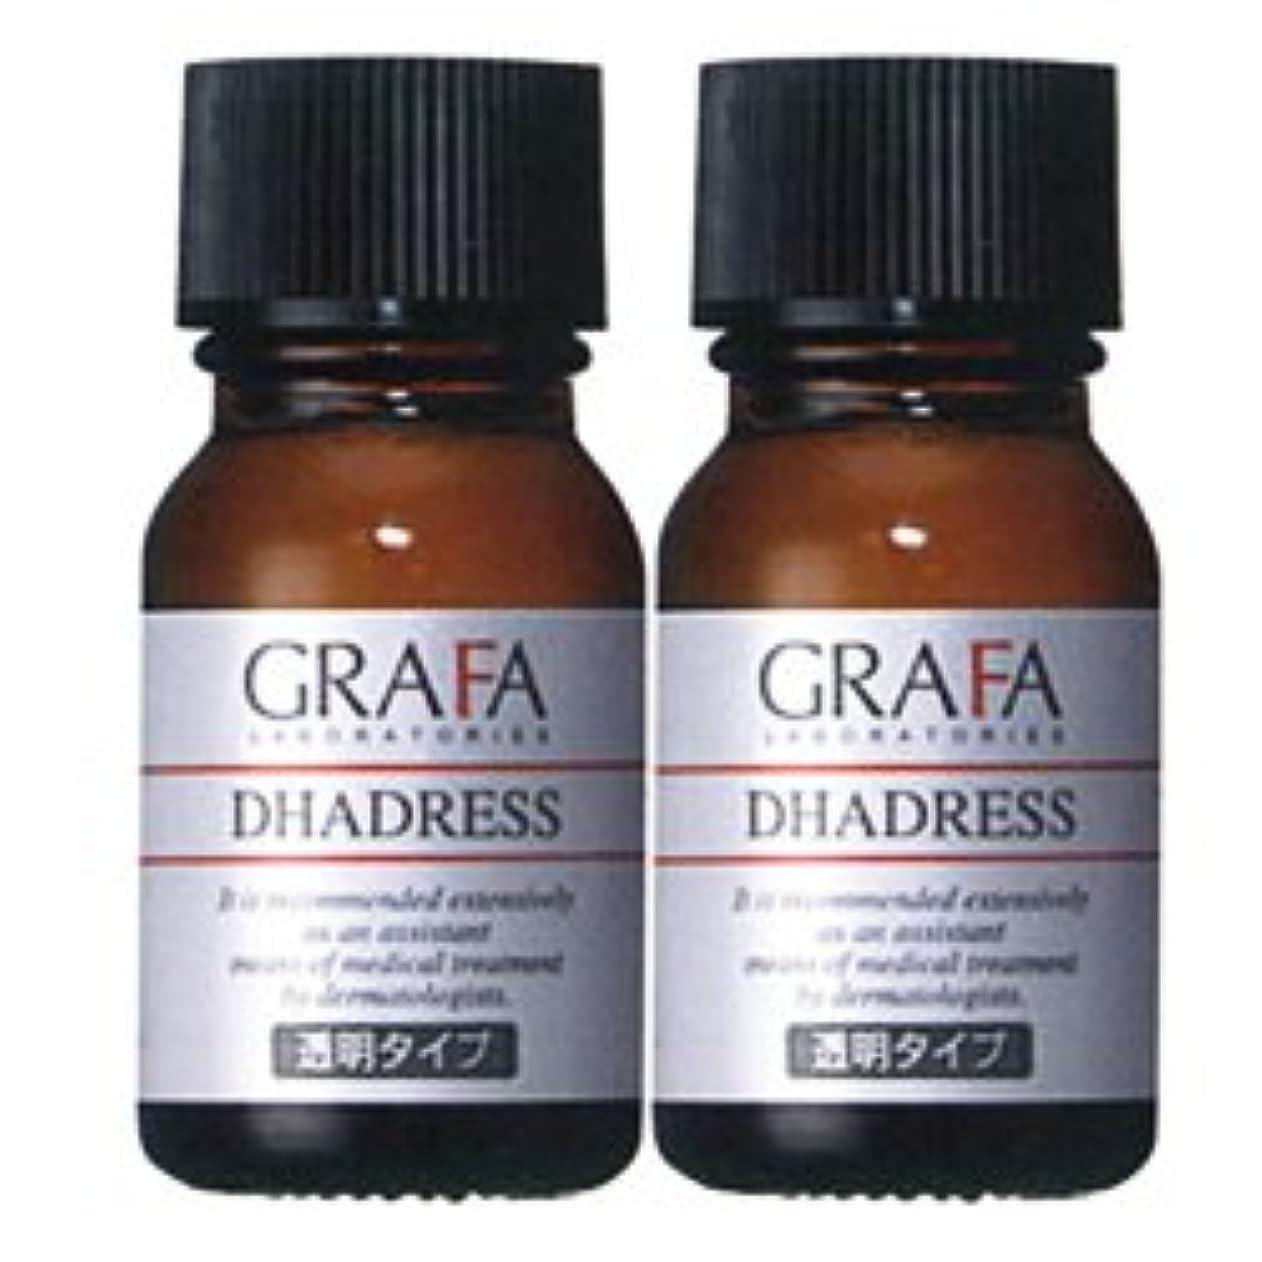 支援するパターン定期的にグラファ ダドレス (透明タイプ) 11mL 着色用化粧水 GRAFA DHADRESS